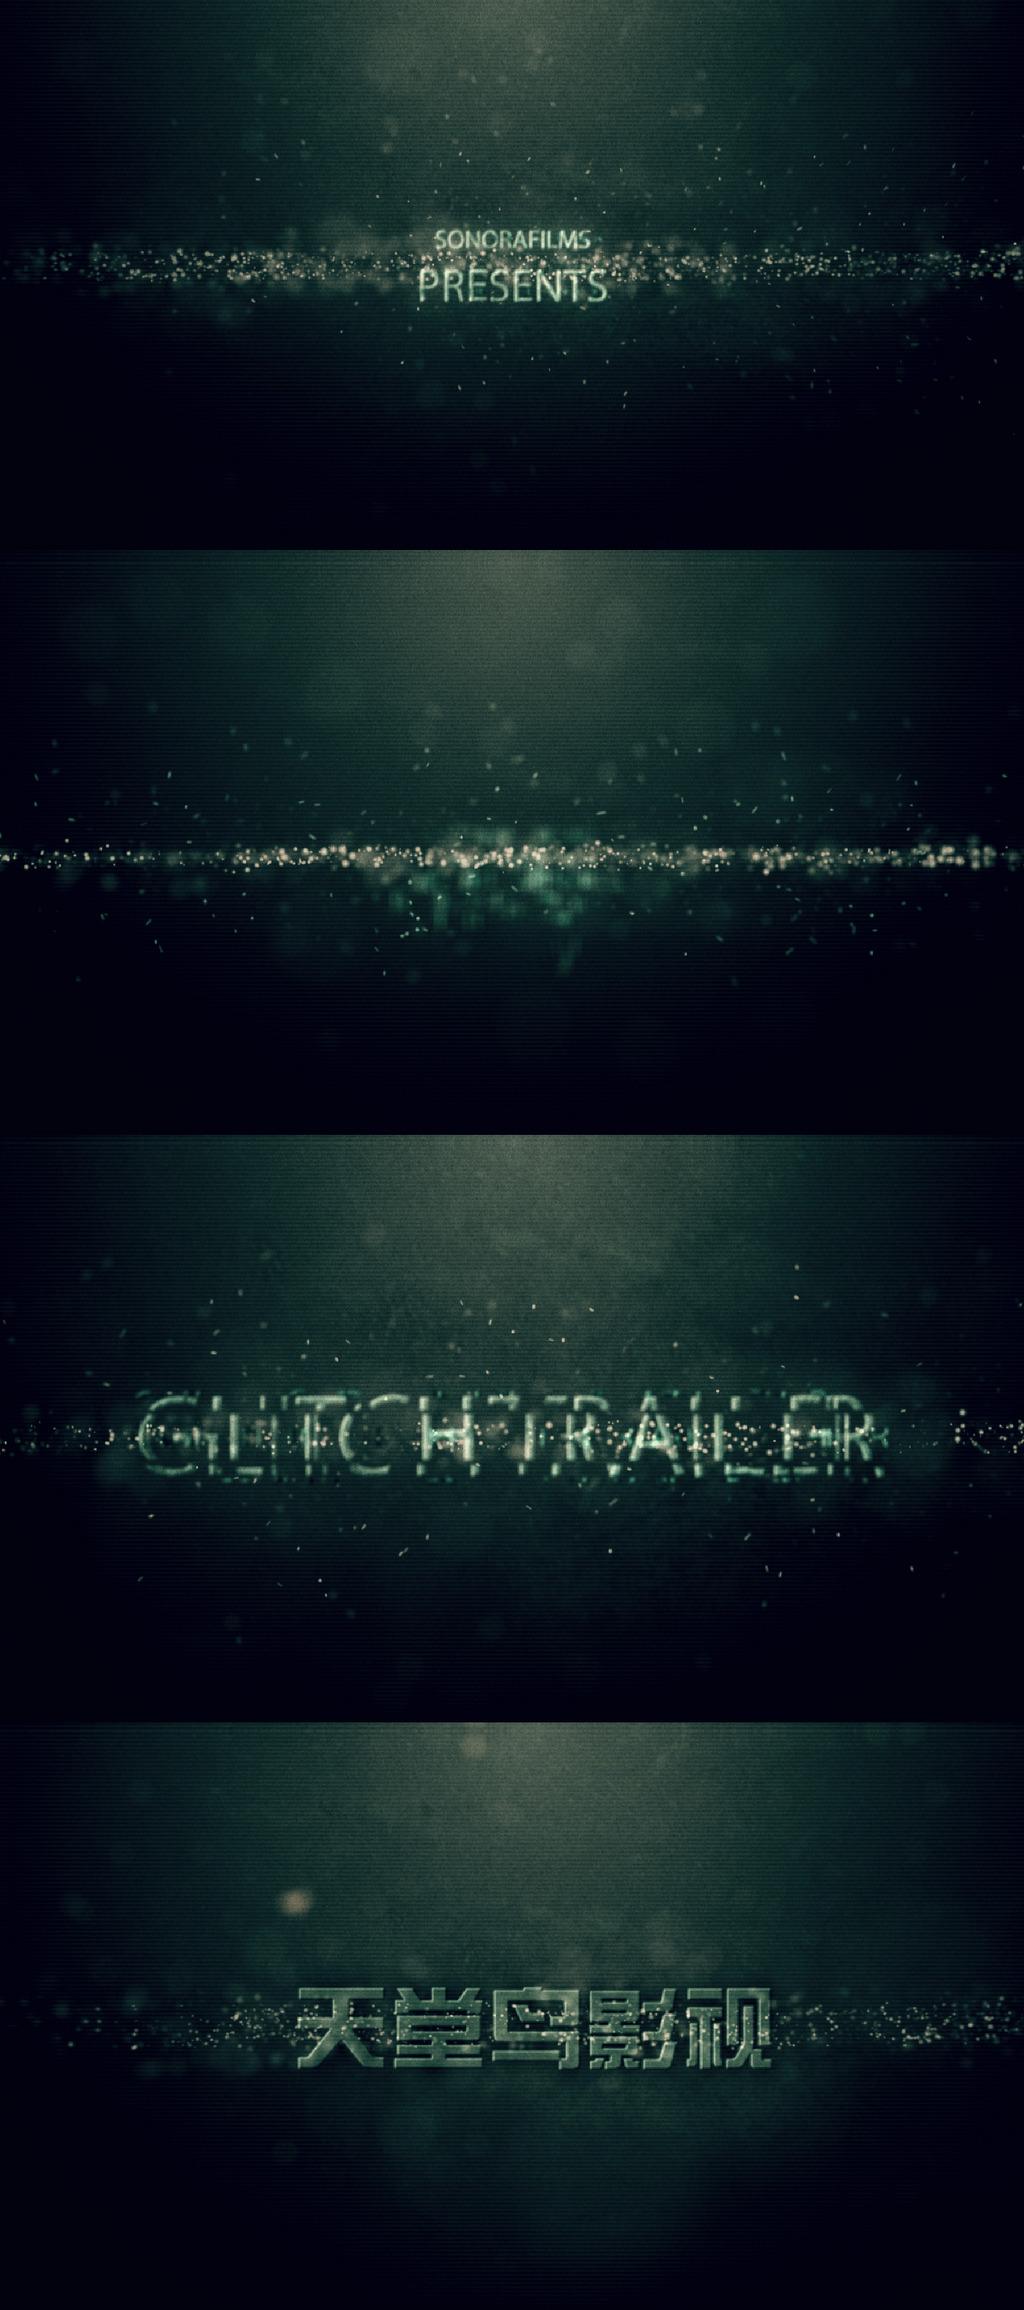 诡异数字风格的电影片头字幕展示模板下载